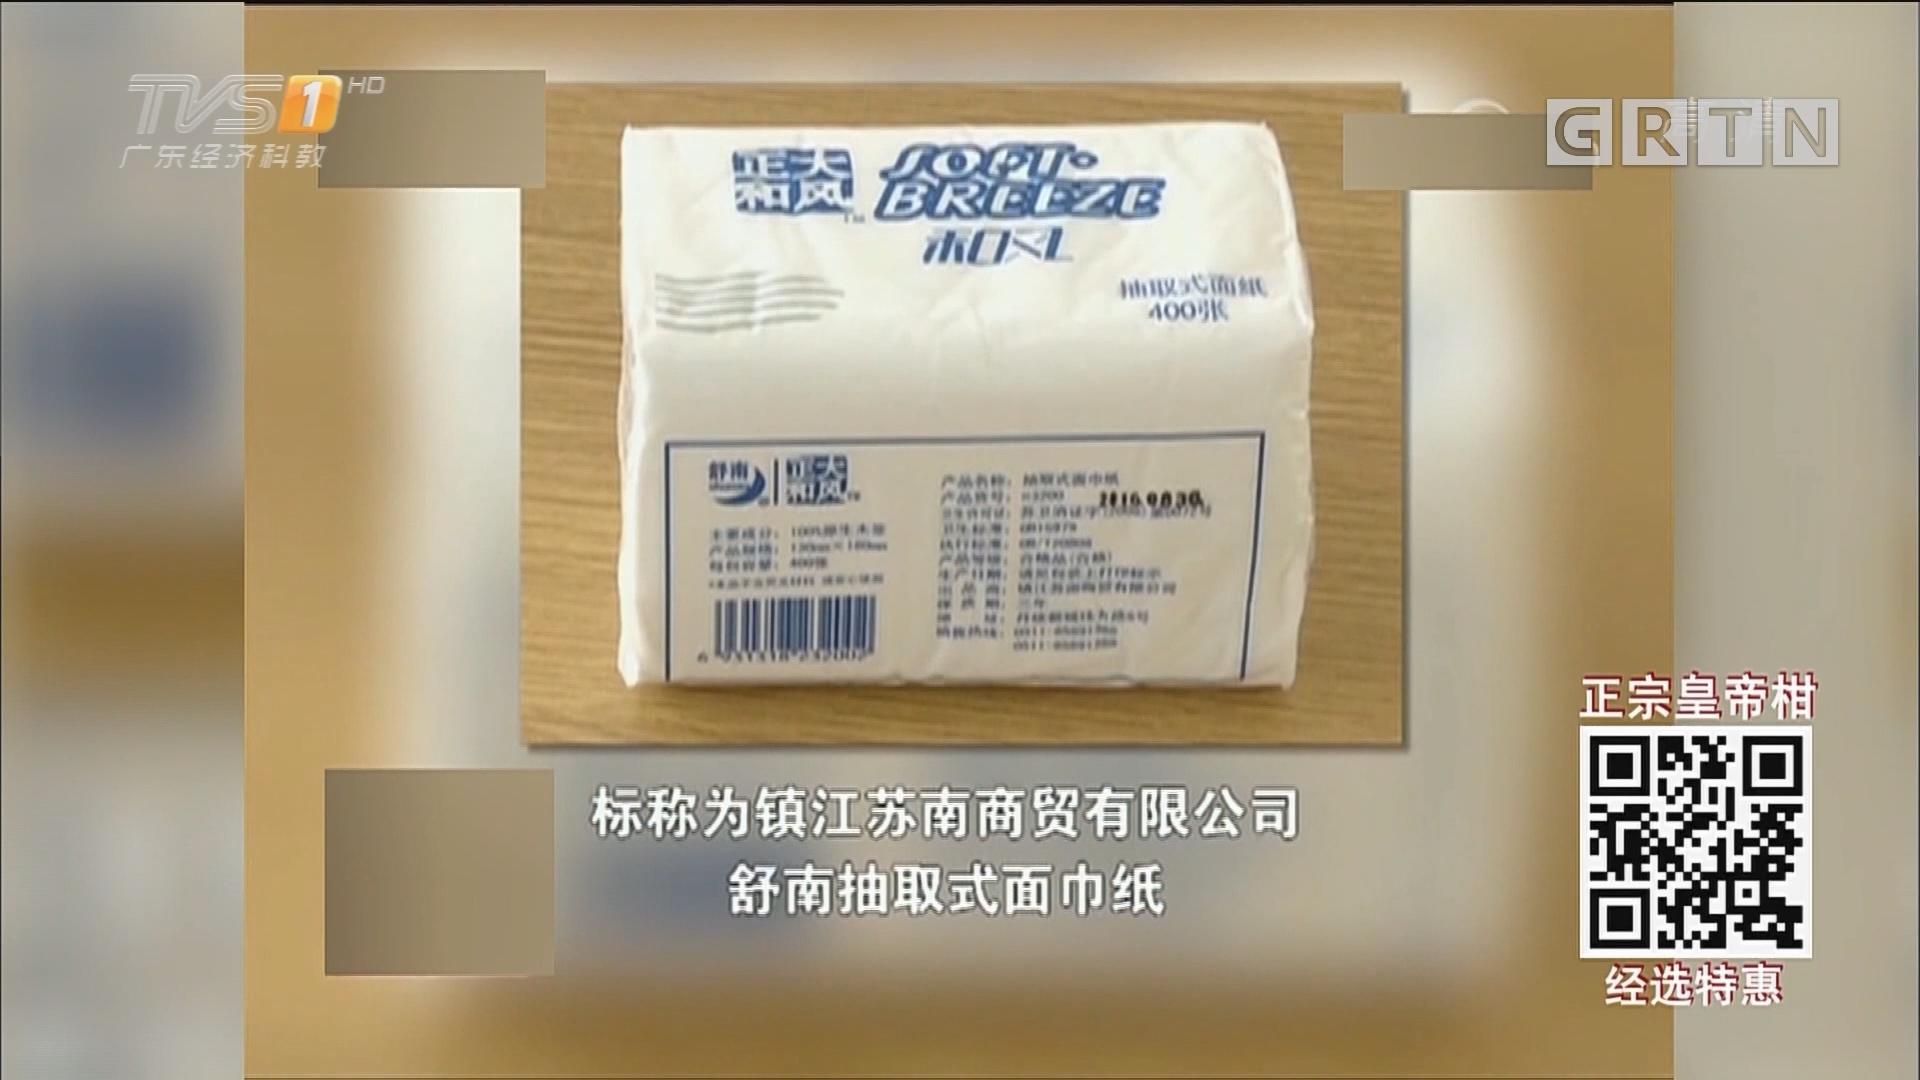 记者调查:细菌超标、原料不明 卫生纸真的卫生吗?